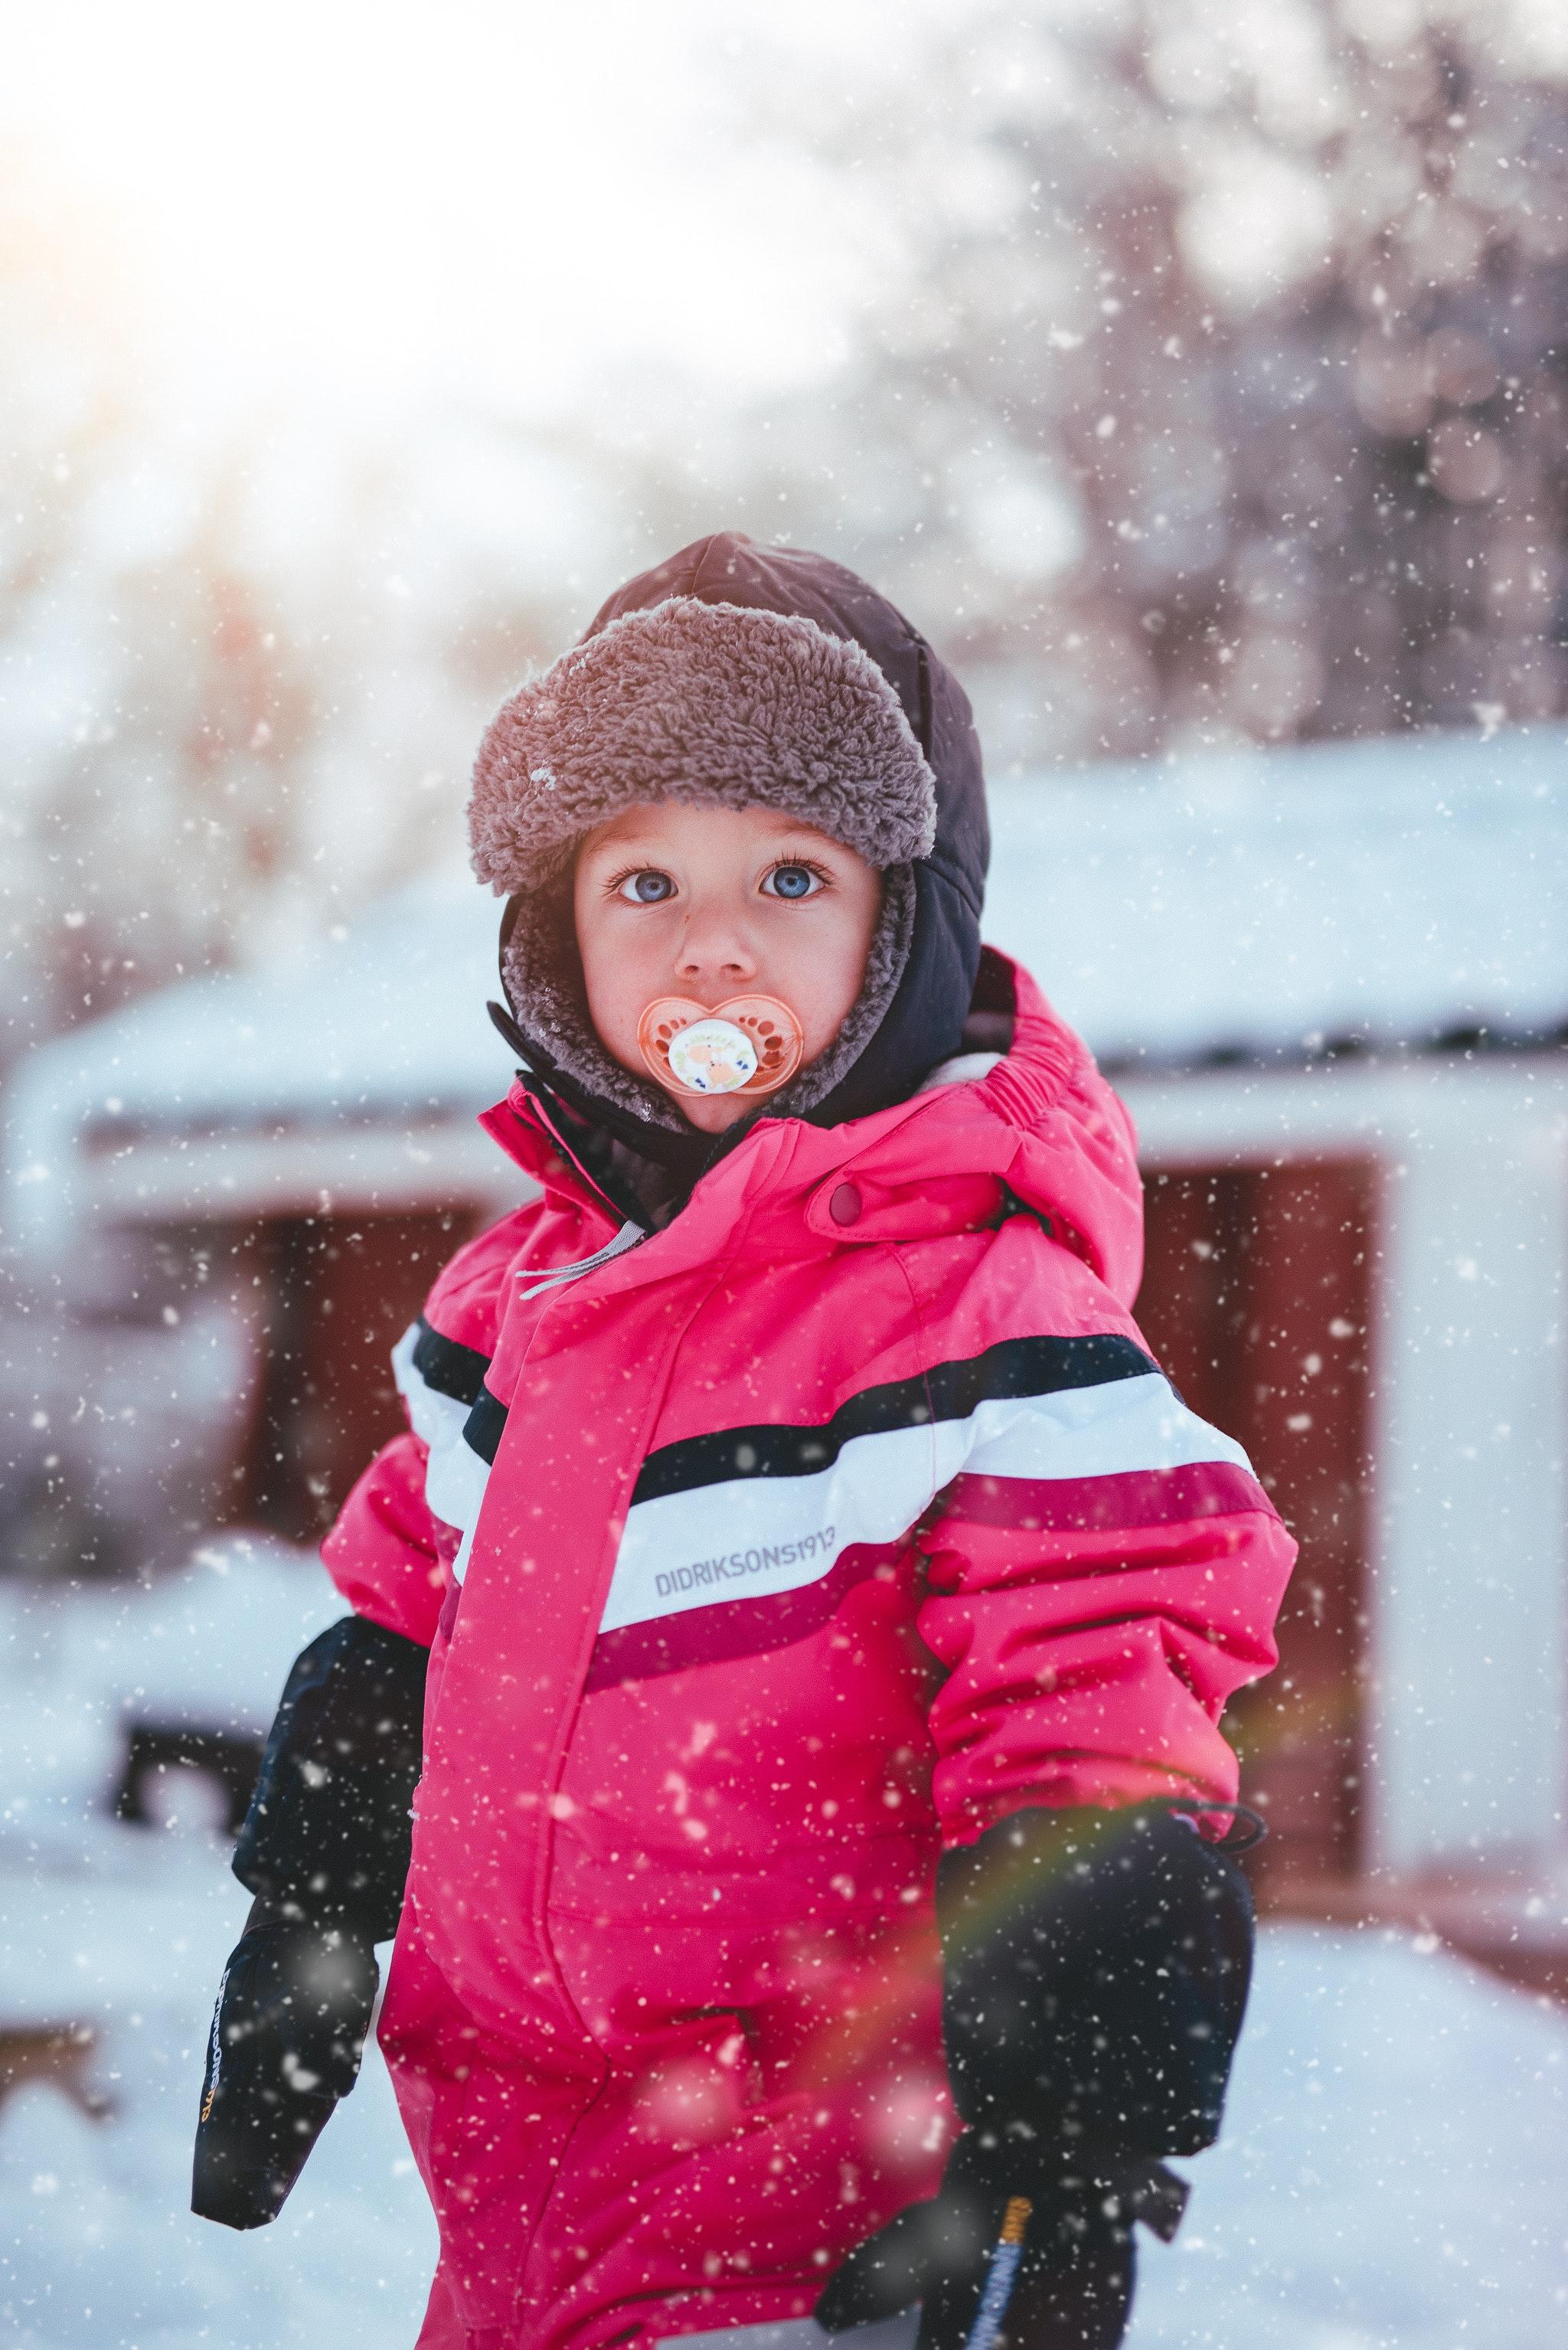 blurred-background-boy-child-744790.jpg